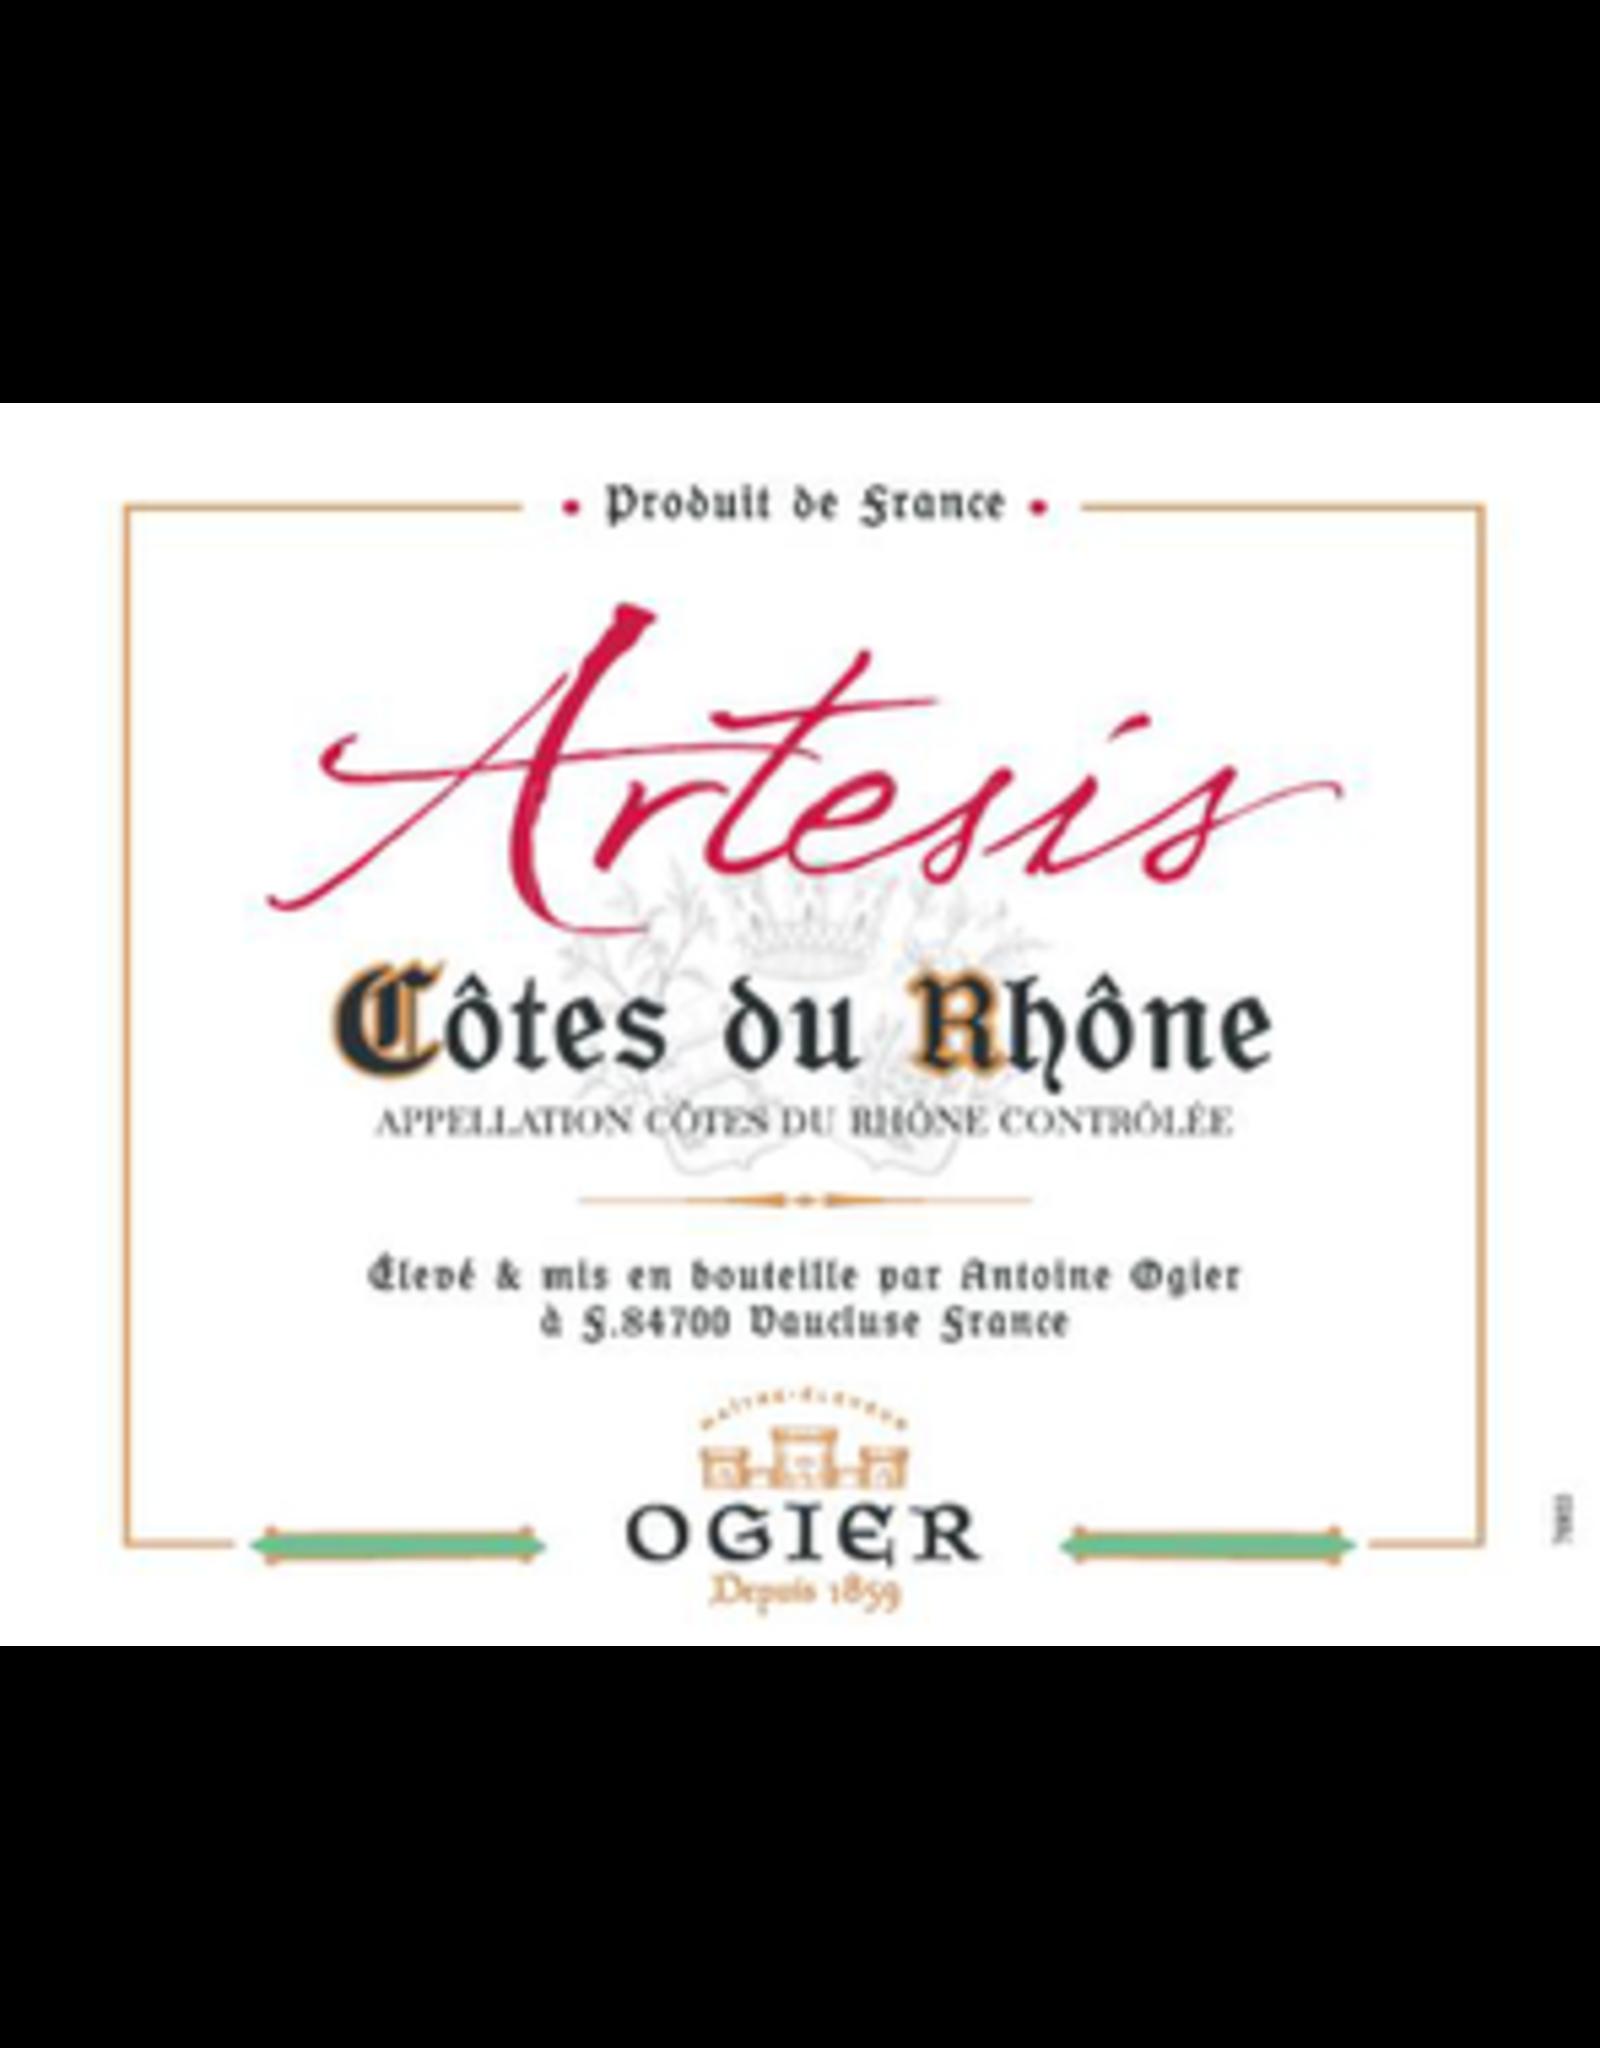 Ogier Ogier Côtes du Rhone Blanc, 2018